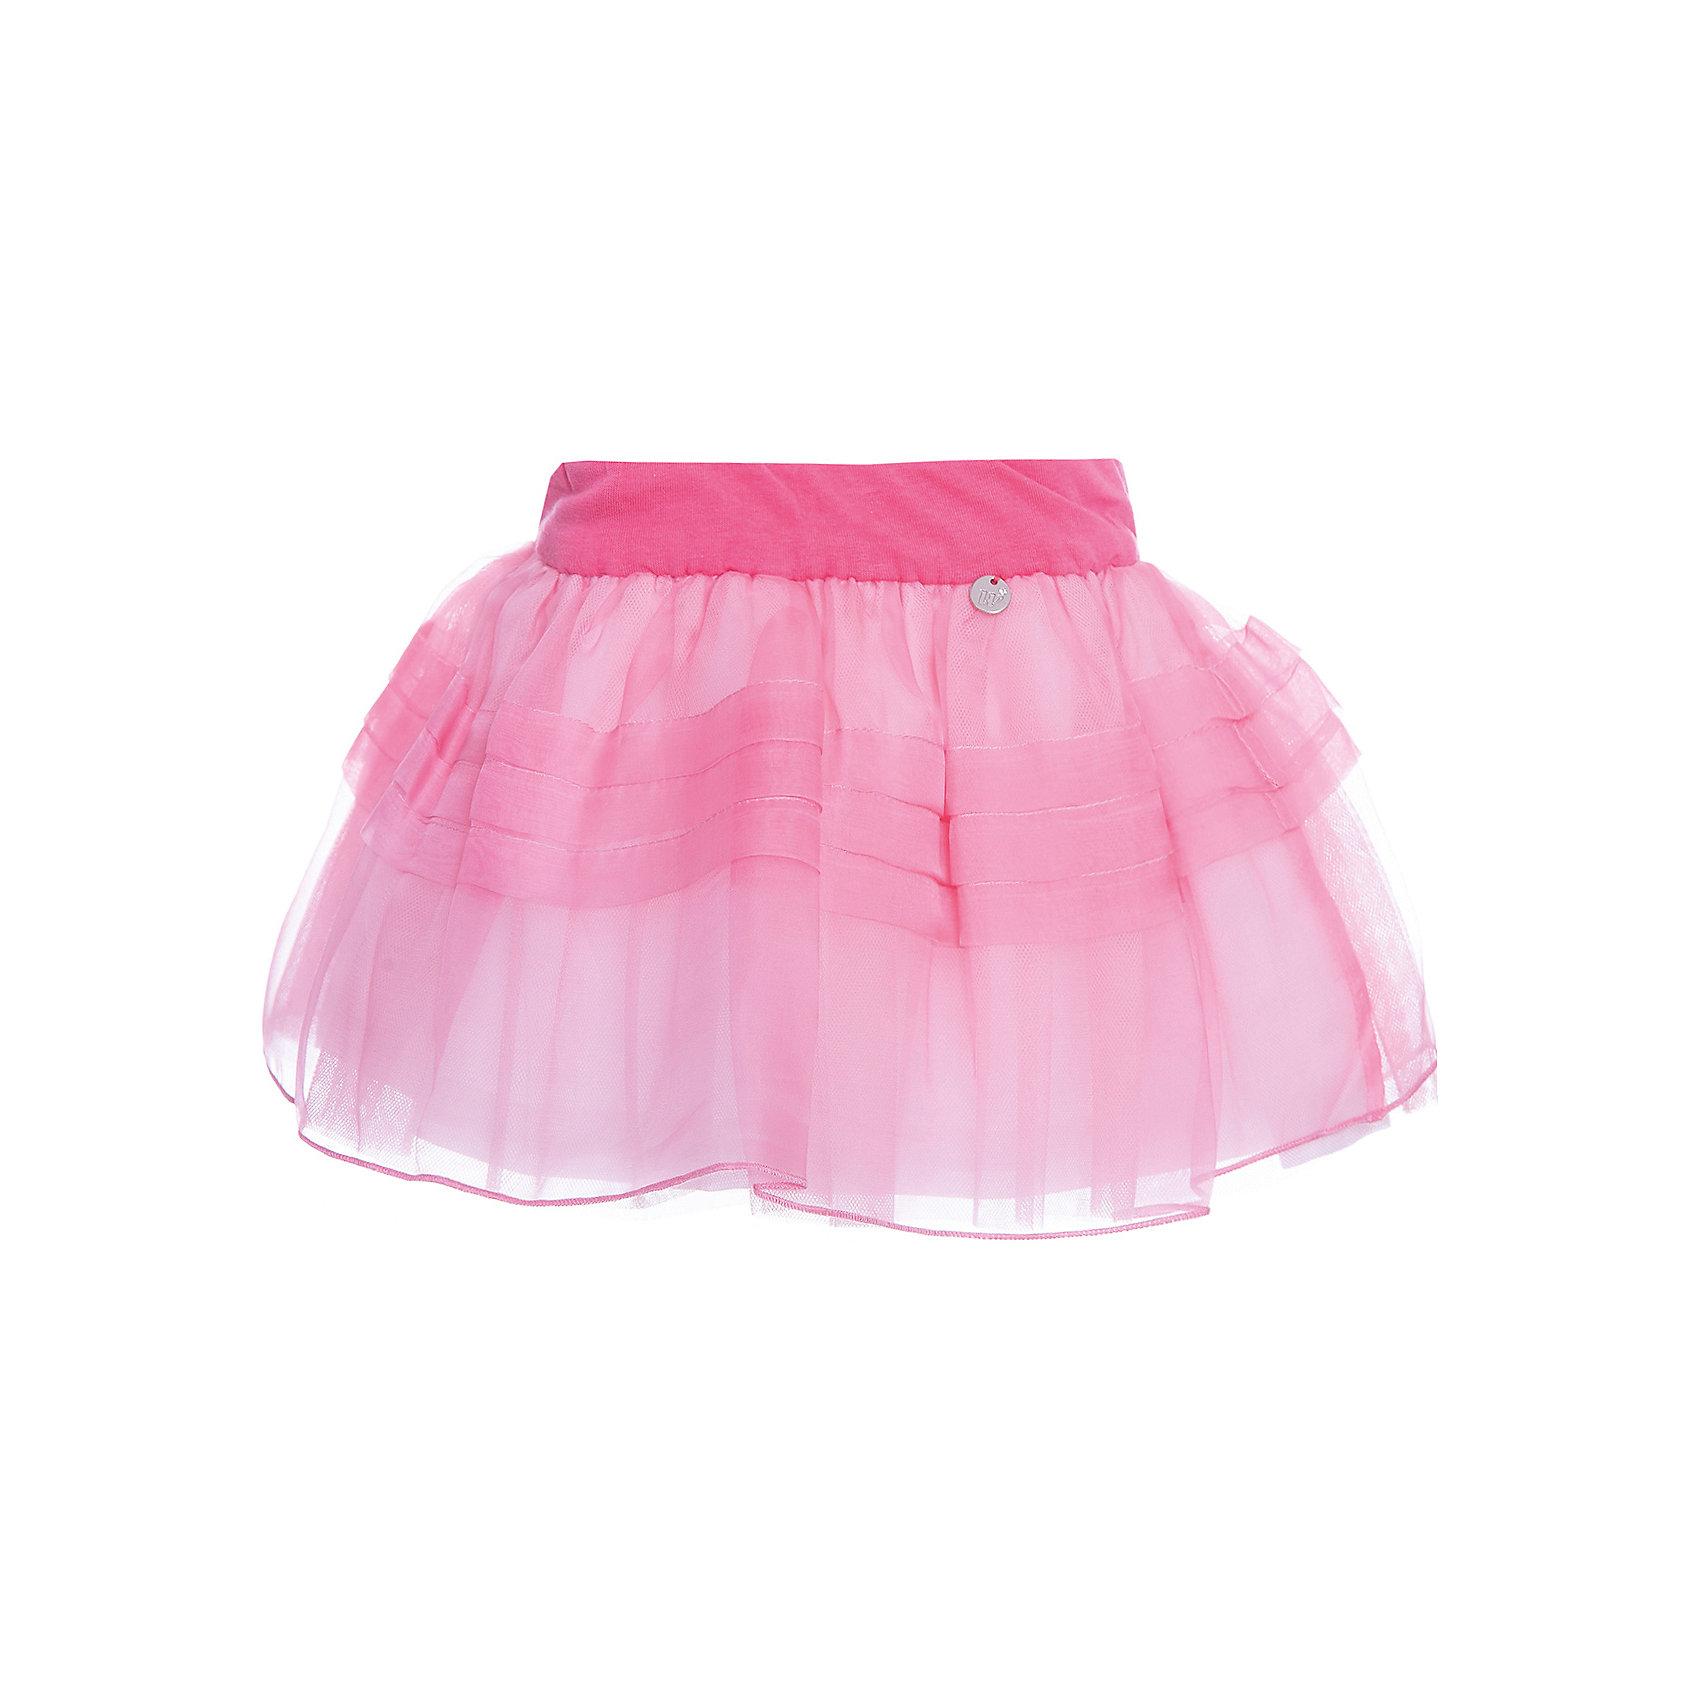 Юбка для девочки WojcikЮбки<br>Характеристики товара:<br><br>• цвет: розовый<br>• состав ткани: хлопок<br>• пояс: резинка<br>• сезон: лето<br>• страна бренда: Польша<br>• страна изготовитель: Польша<br><br>Такая модель детской одежды сделана из качественного материала, есть подкладка. Розовая юбка для девочки Wojcik - удобная и модная школьная одежда. <br><br>Эта юбка для девочки Войчик отличается модным кроем, пышным силуэтом. Польская одежда для детей от бренда Войчик - это качественные и стильные вещи.<br><br>Юбку для девочки Wojcik (Войчик) можно купить в нашем интернет-магазине.<br><br>Ширина мм: 207<br>Глубина мм: 10<br>Высота мм: 189<br>Вес г: 183<br>Цвет: розовый<br>Возраст от месяцев: 12<br>Возраст до месяцев: 18<br>Пол: Женский<br>Возраст: Детский<br>Размер: 86,68,74,80<br>SKU: 5588252